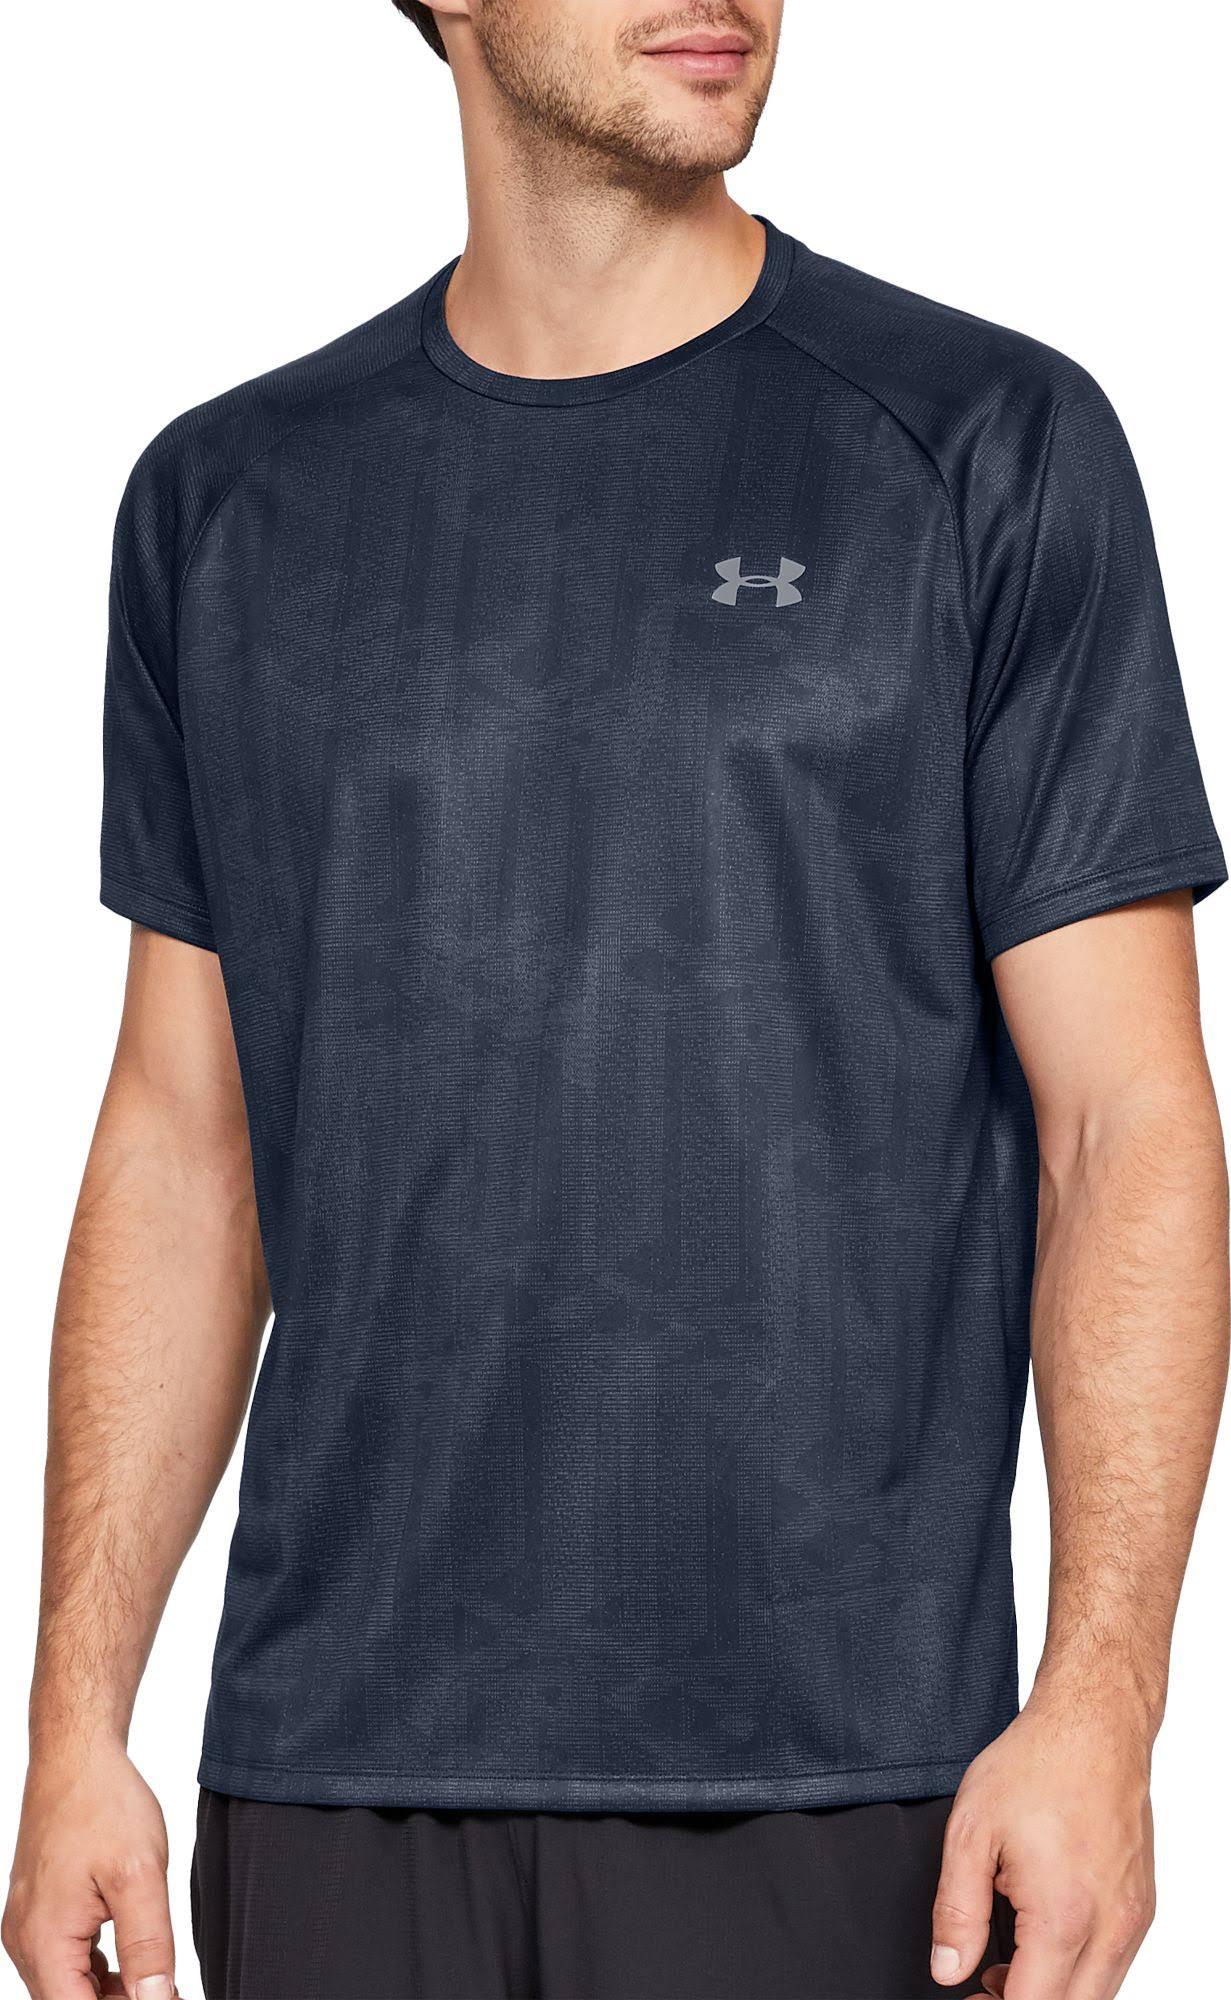 T Herren Größe Bedrucktes Tech Stahl shirt Academy Under Xxl Matrix Armour Kurzarm BYHqHO